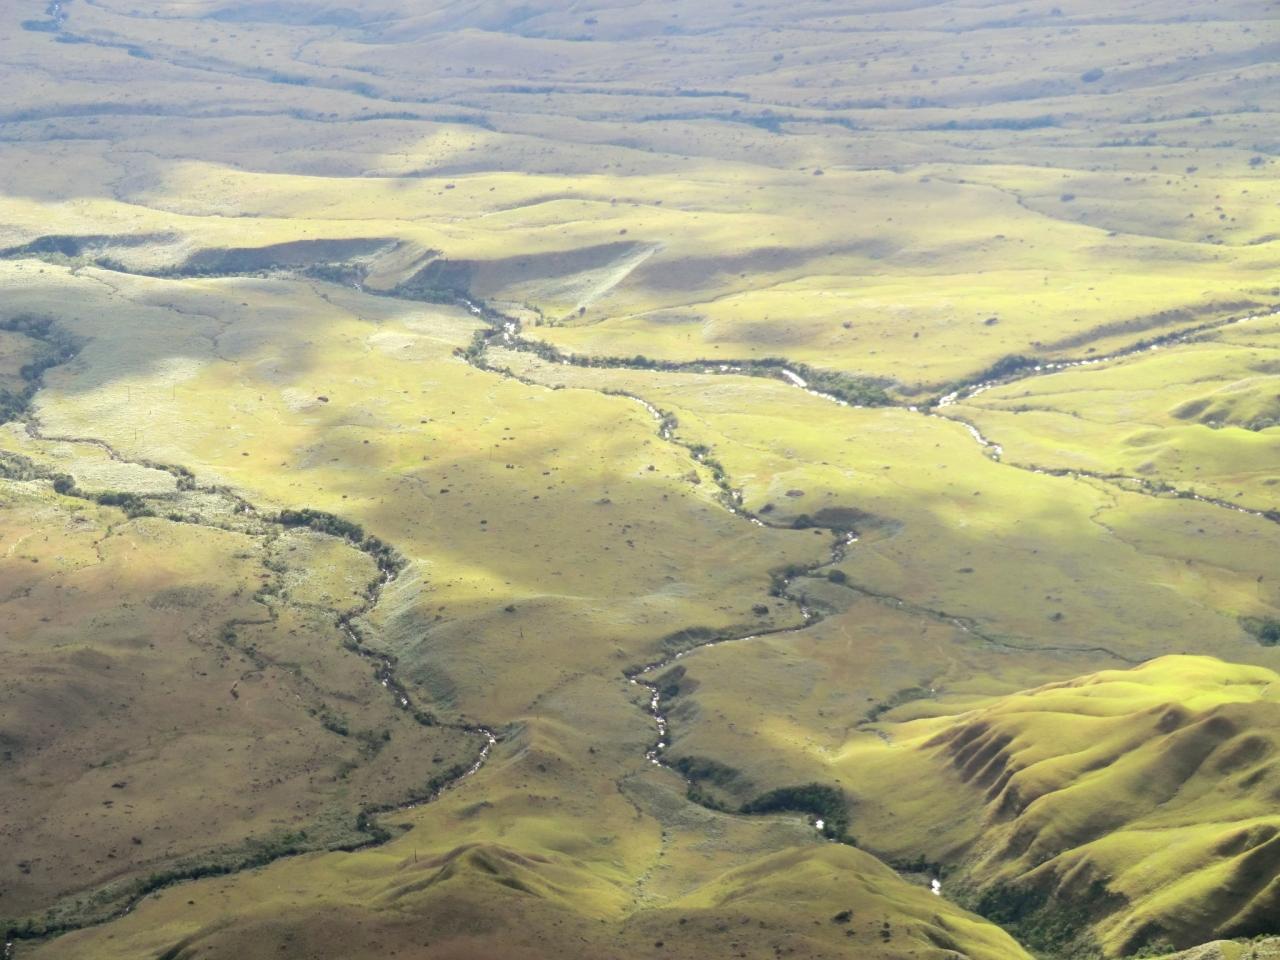 クケナン山の画像 p1_36